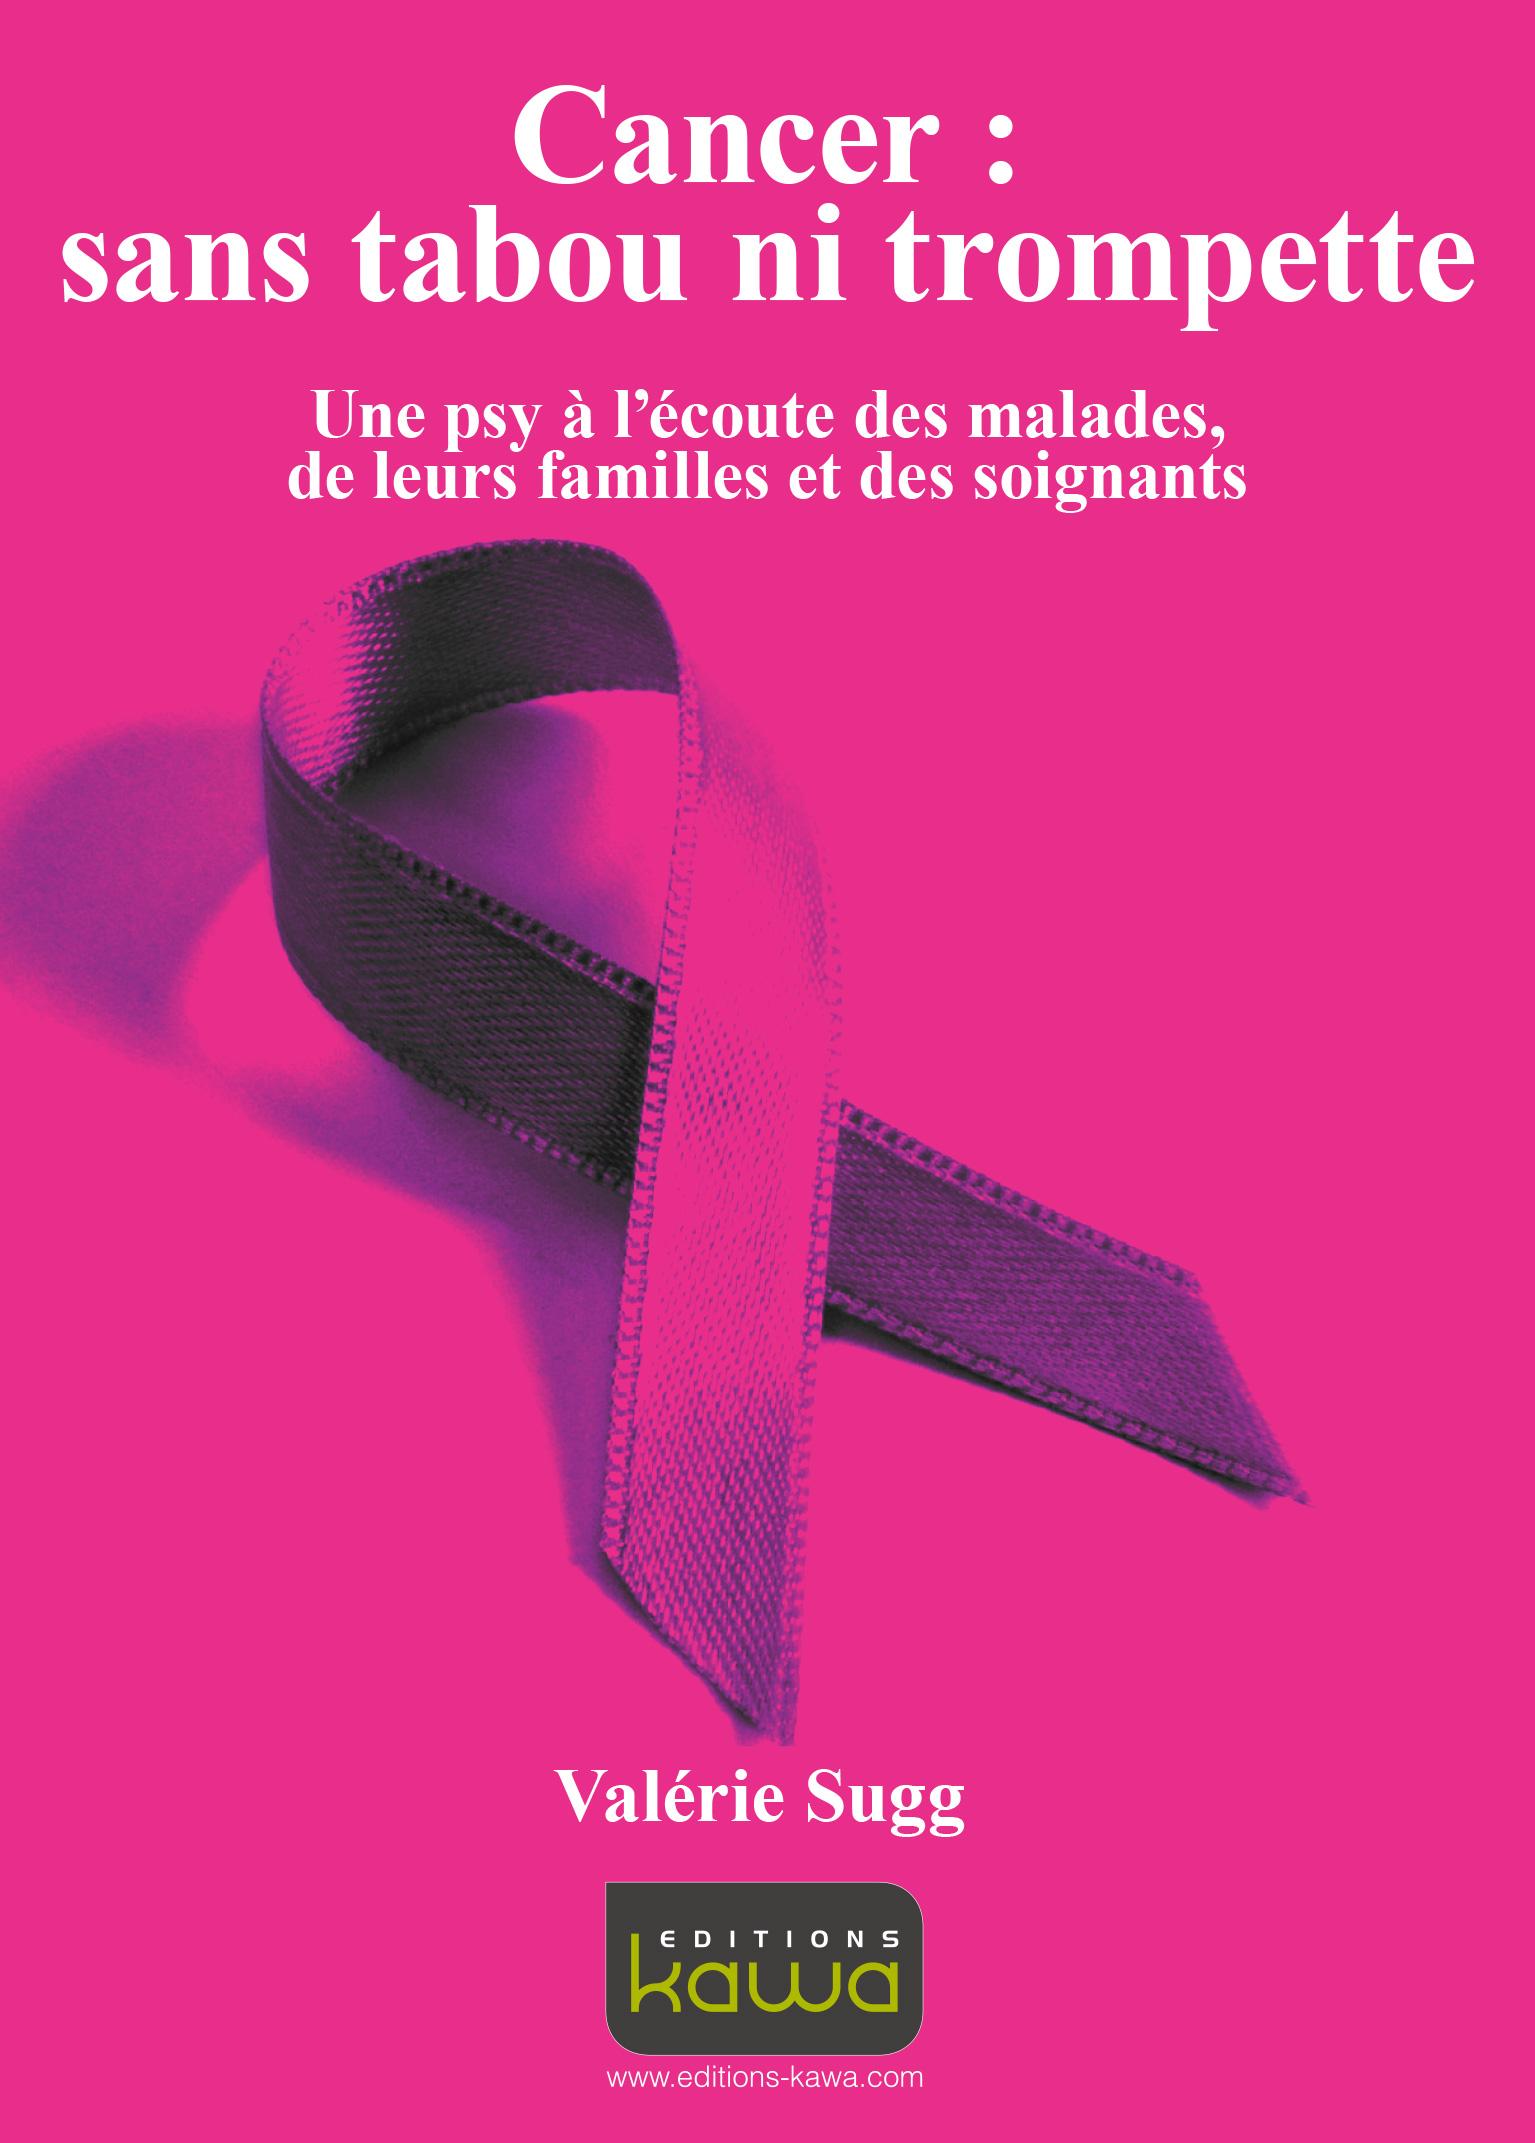 Le film « De plus Belle » évoque l'après-cancer, mais c'est quoi au juste l'après cancer ?